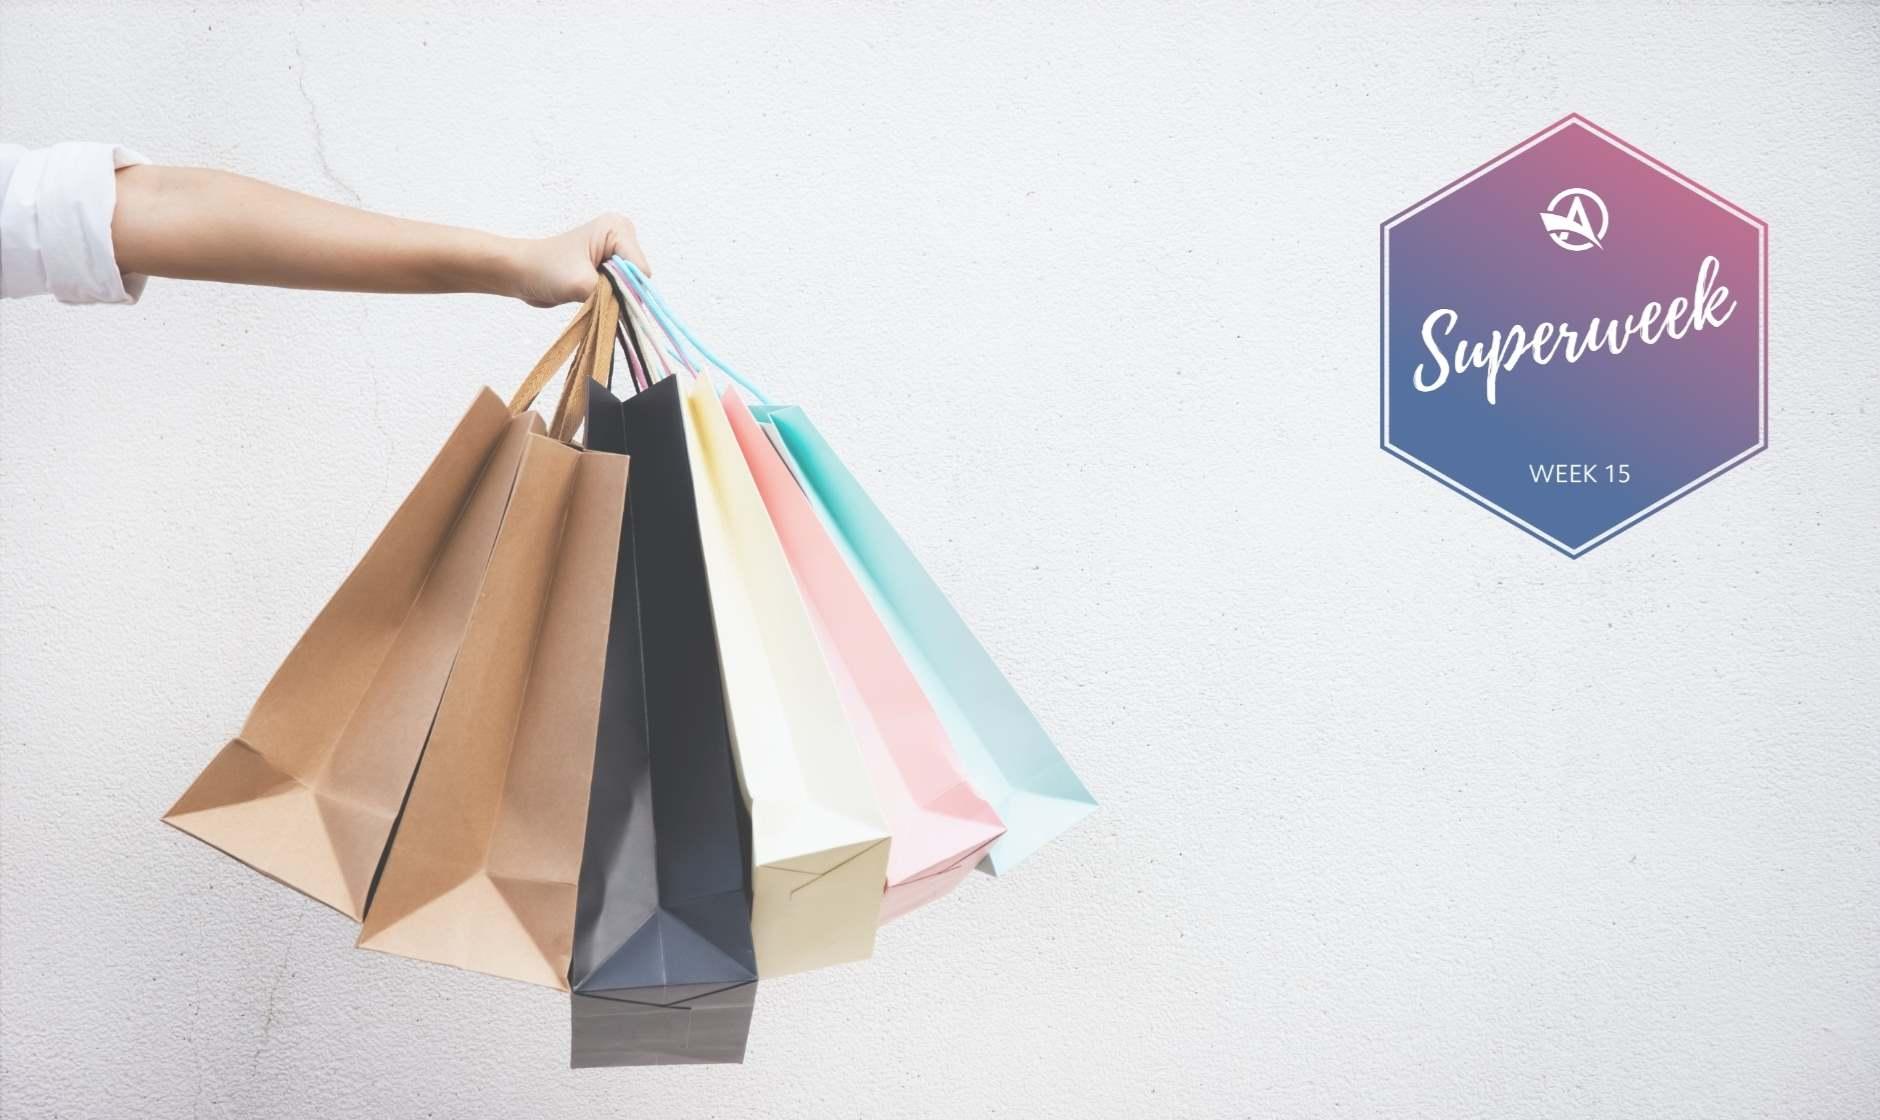 Superweek 2021 - Med Tilbud og Rabattkoder fra flere gode nettbutikker